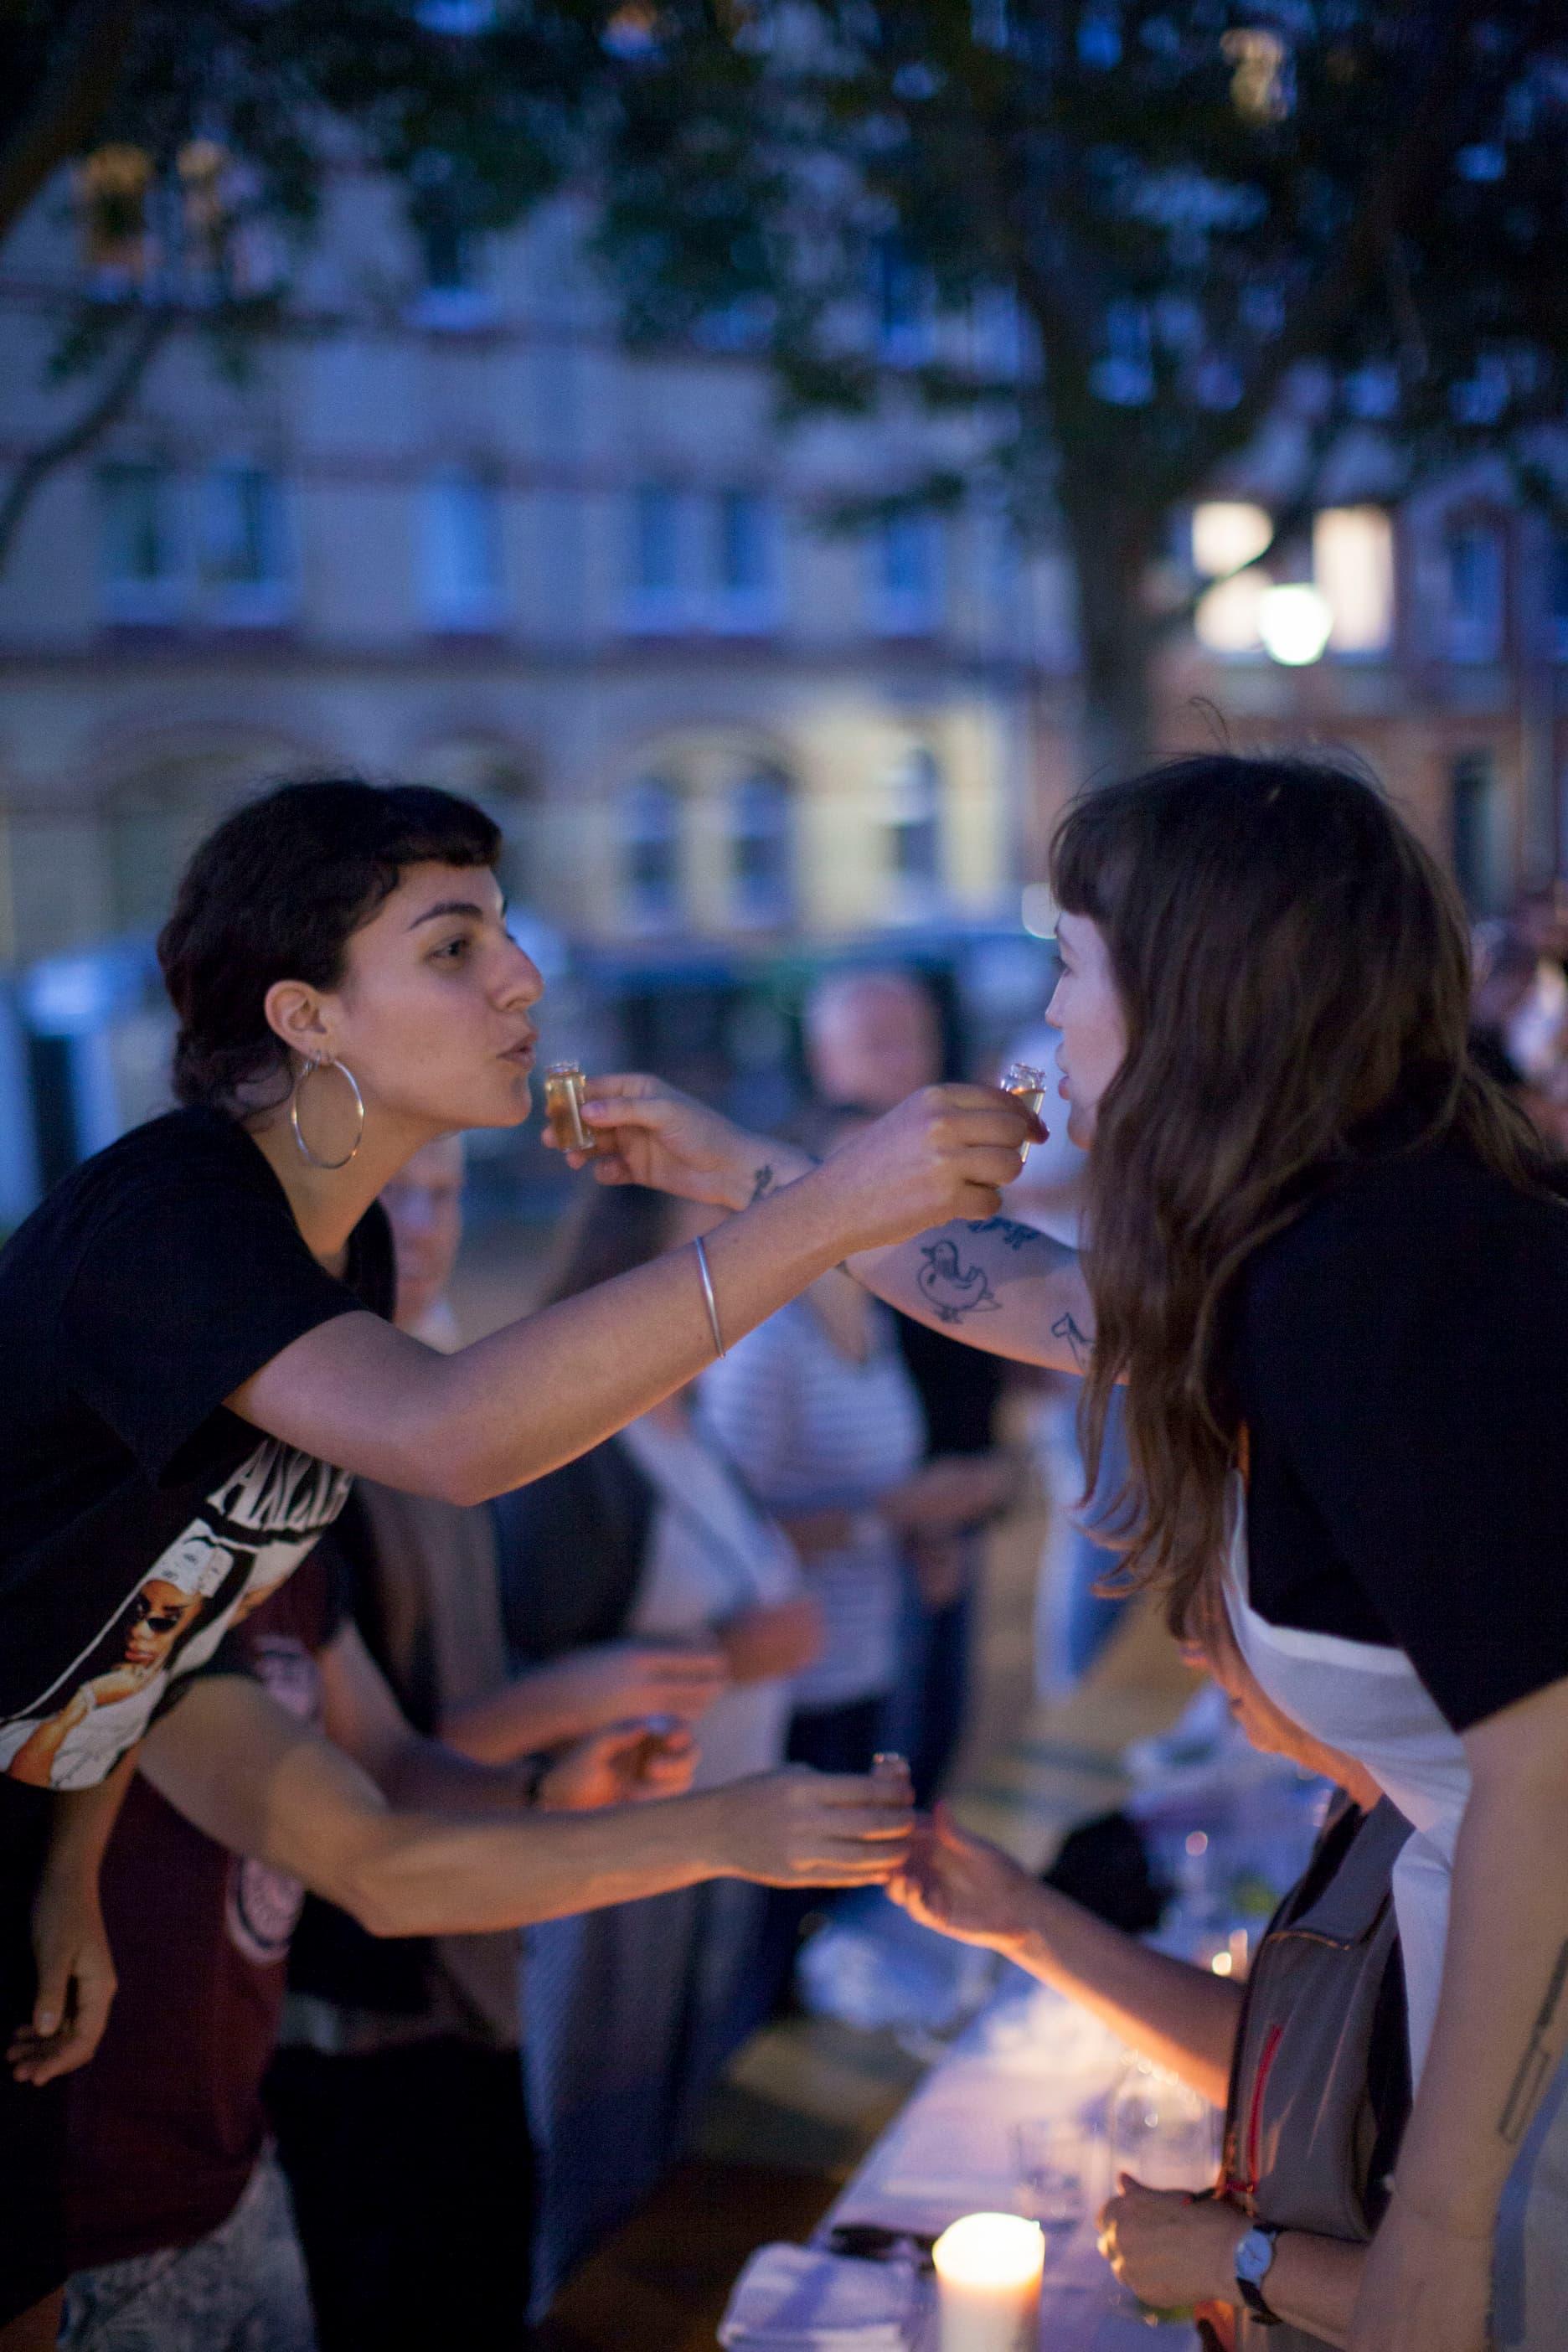 Die Köchin und eine junge Frau verabreichen sich gegenseitig einen Schnaps.